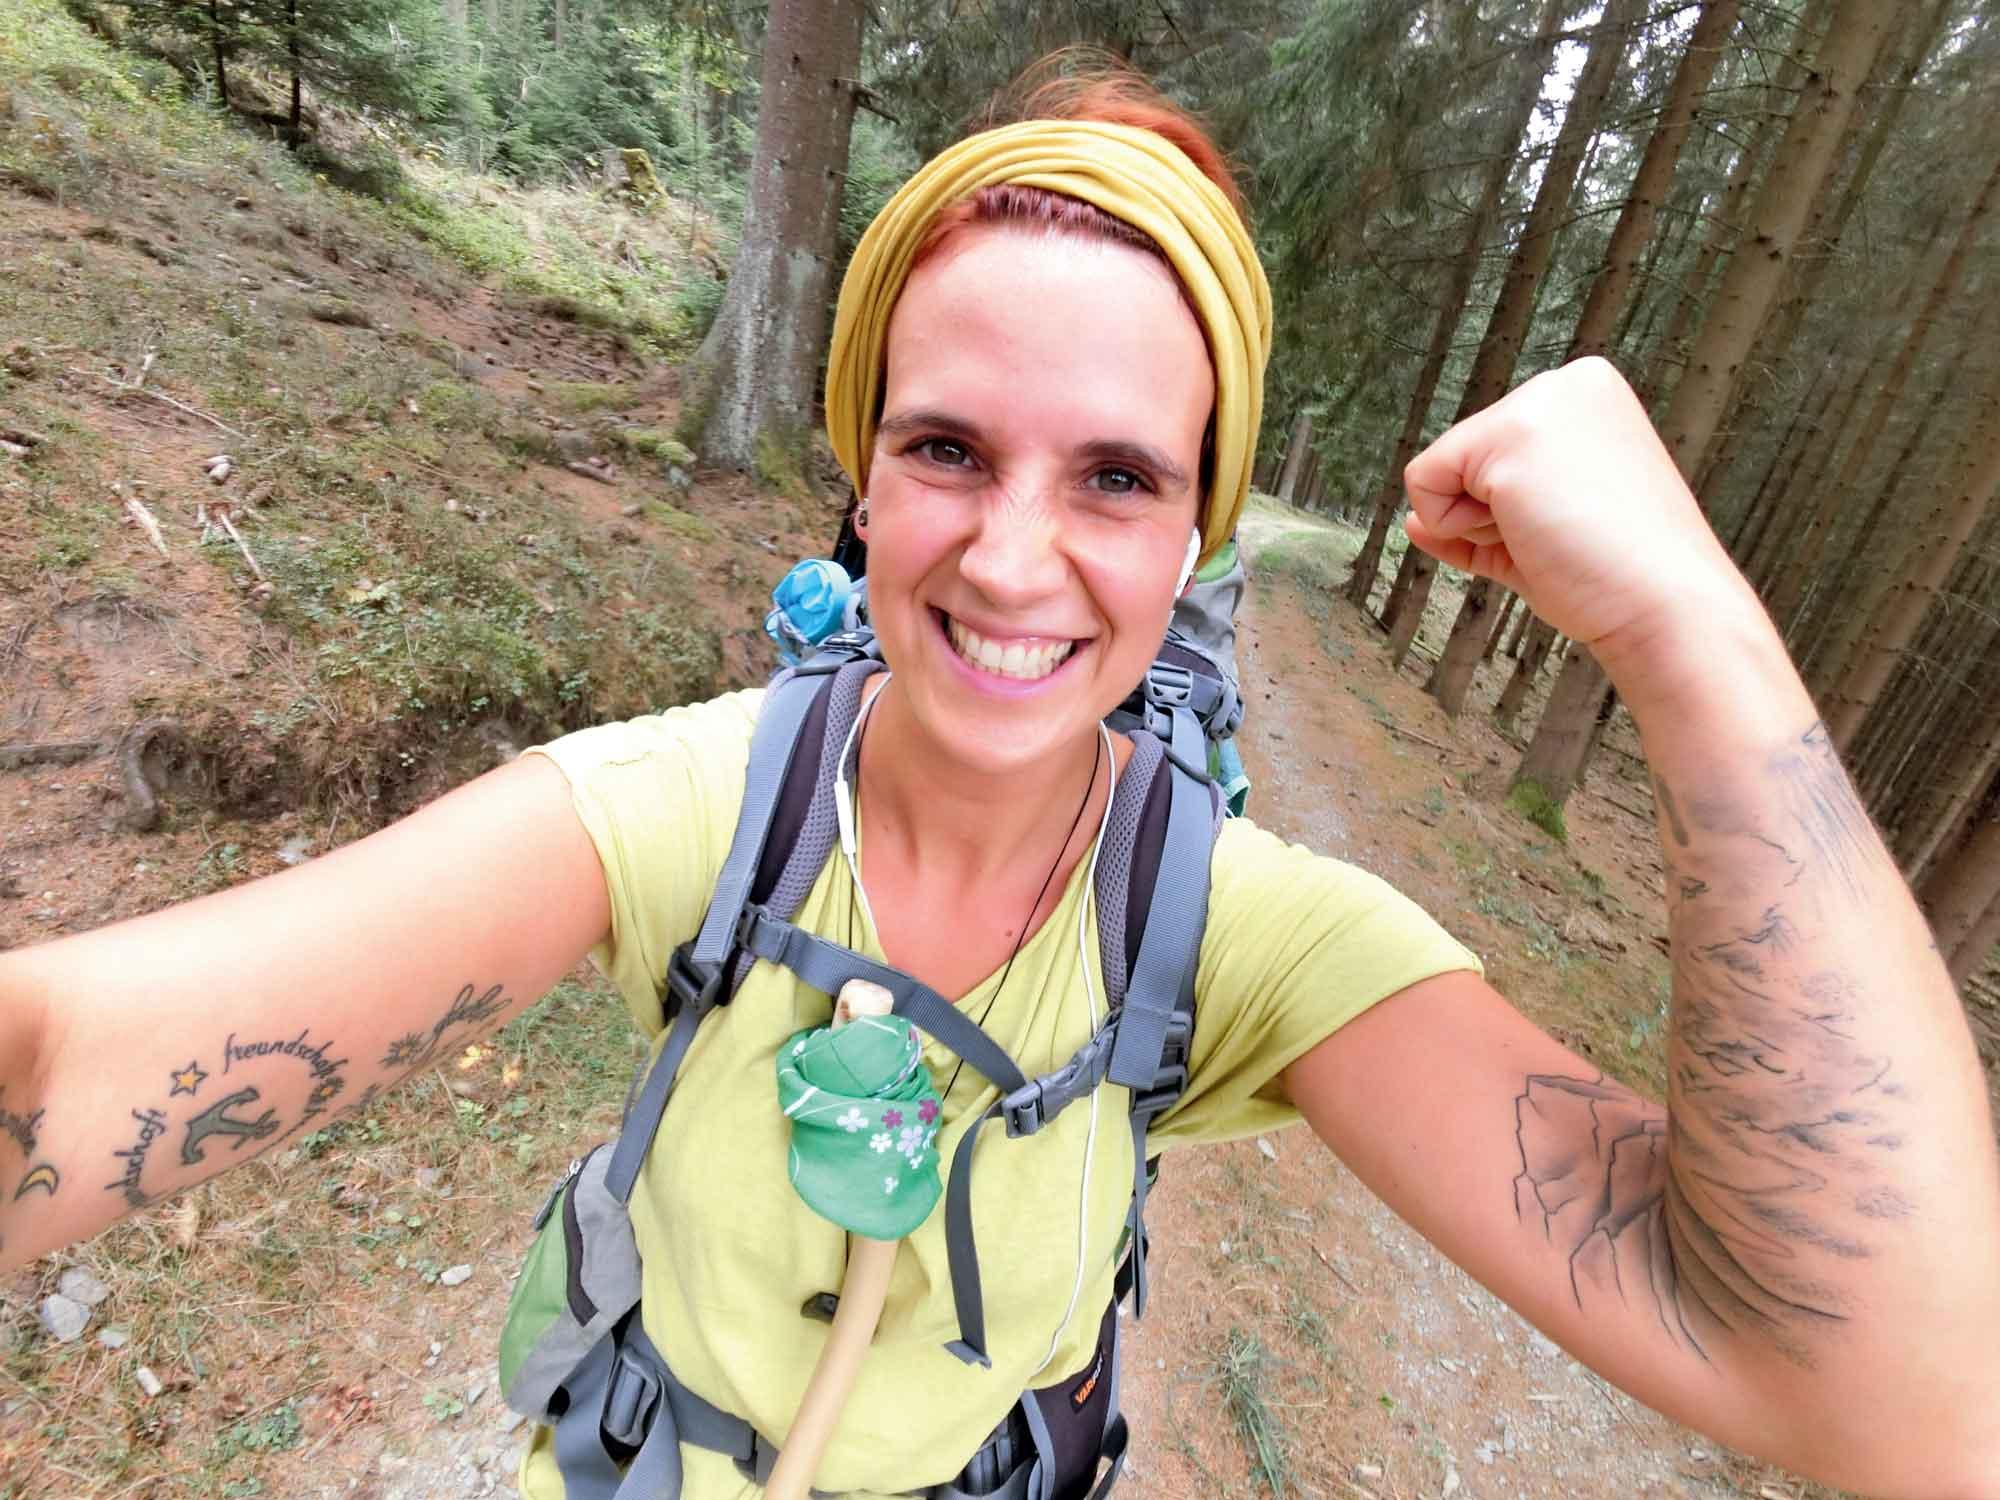 Hanna Engler hat sich in ein mehrtägiges Abenteuer gestürzt und war begeistert. © Hanna Engler